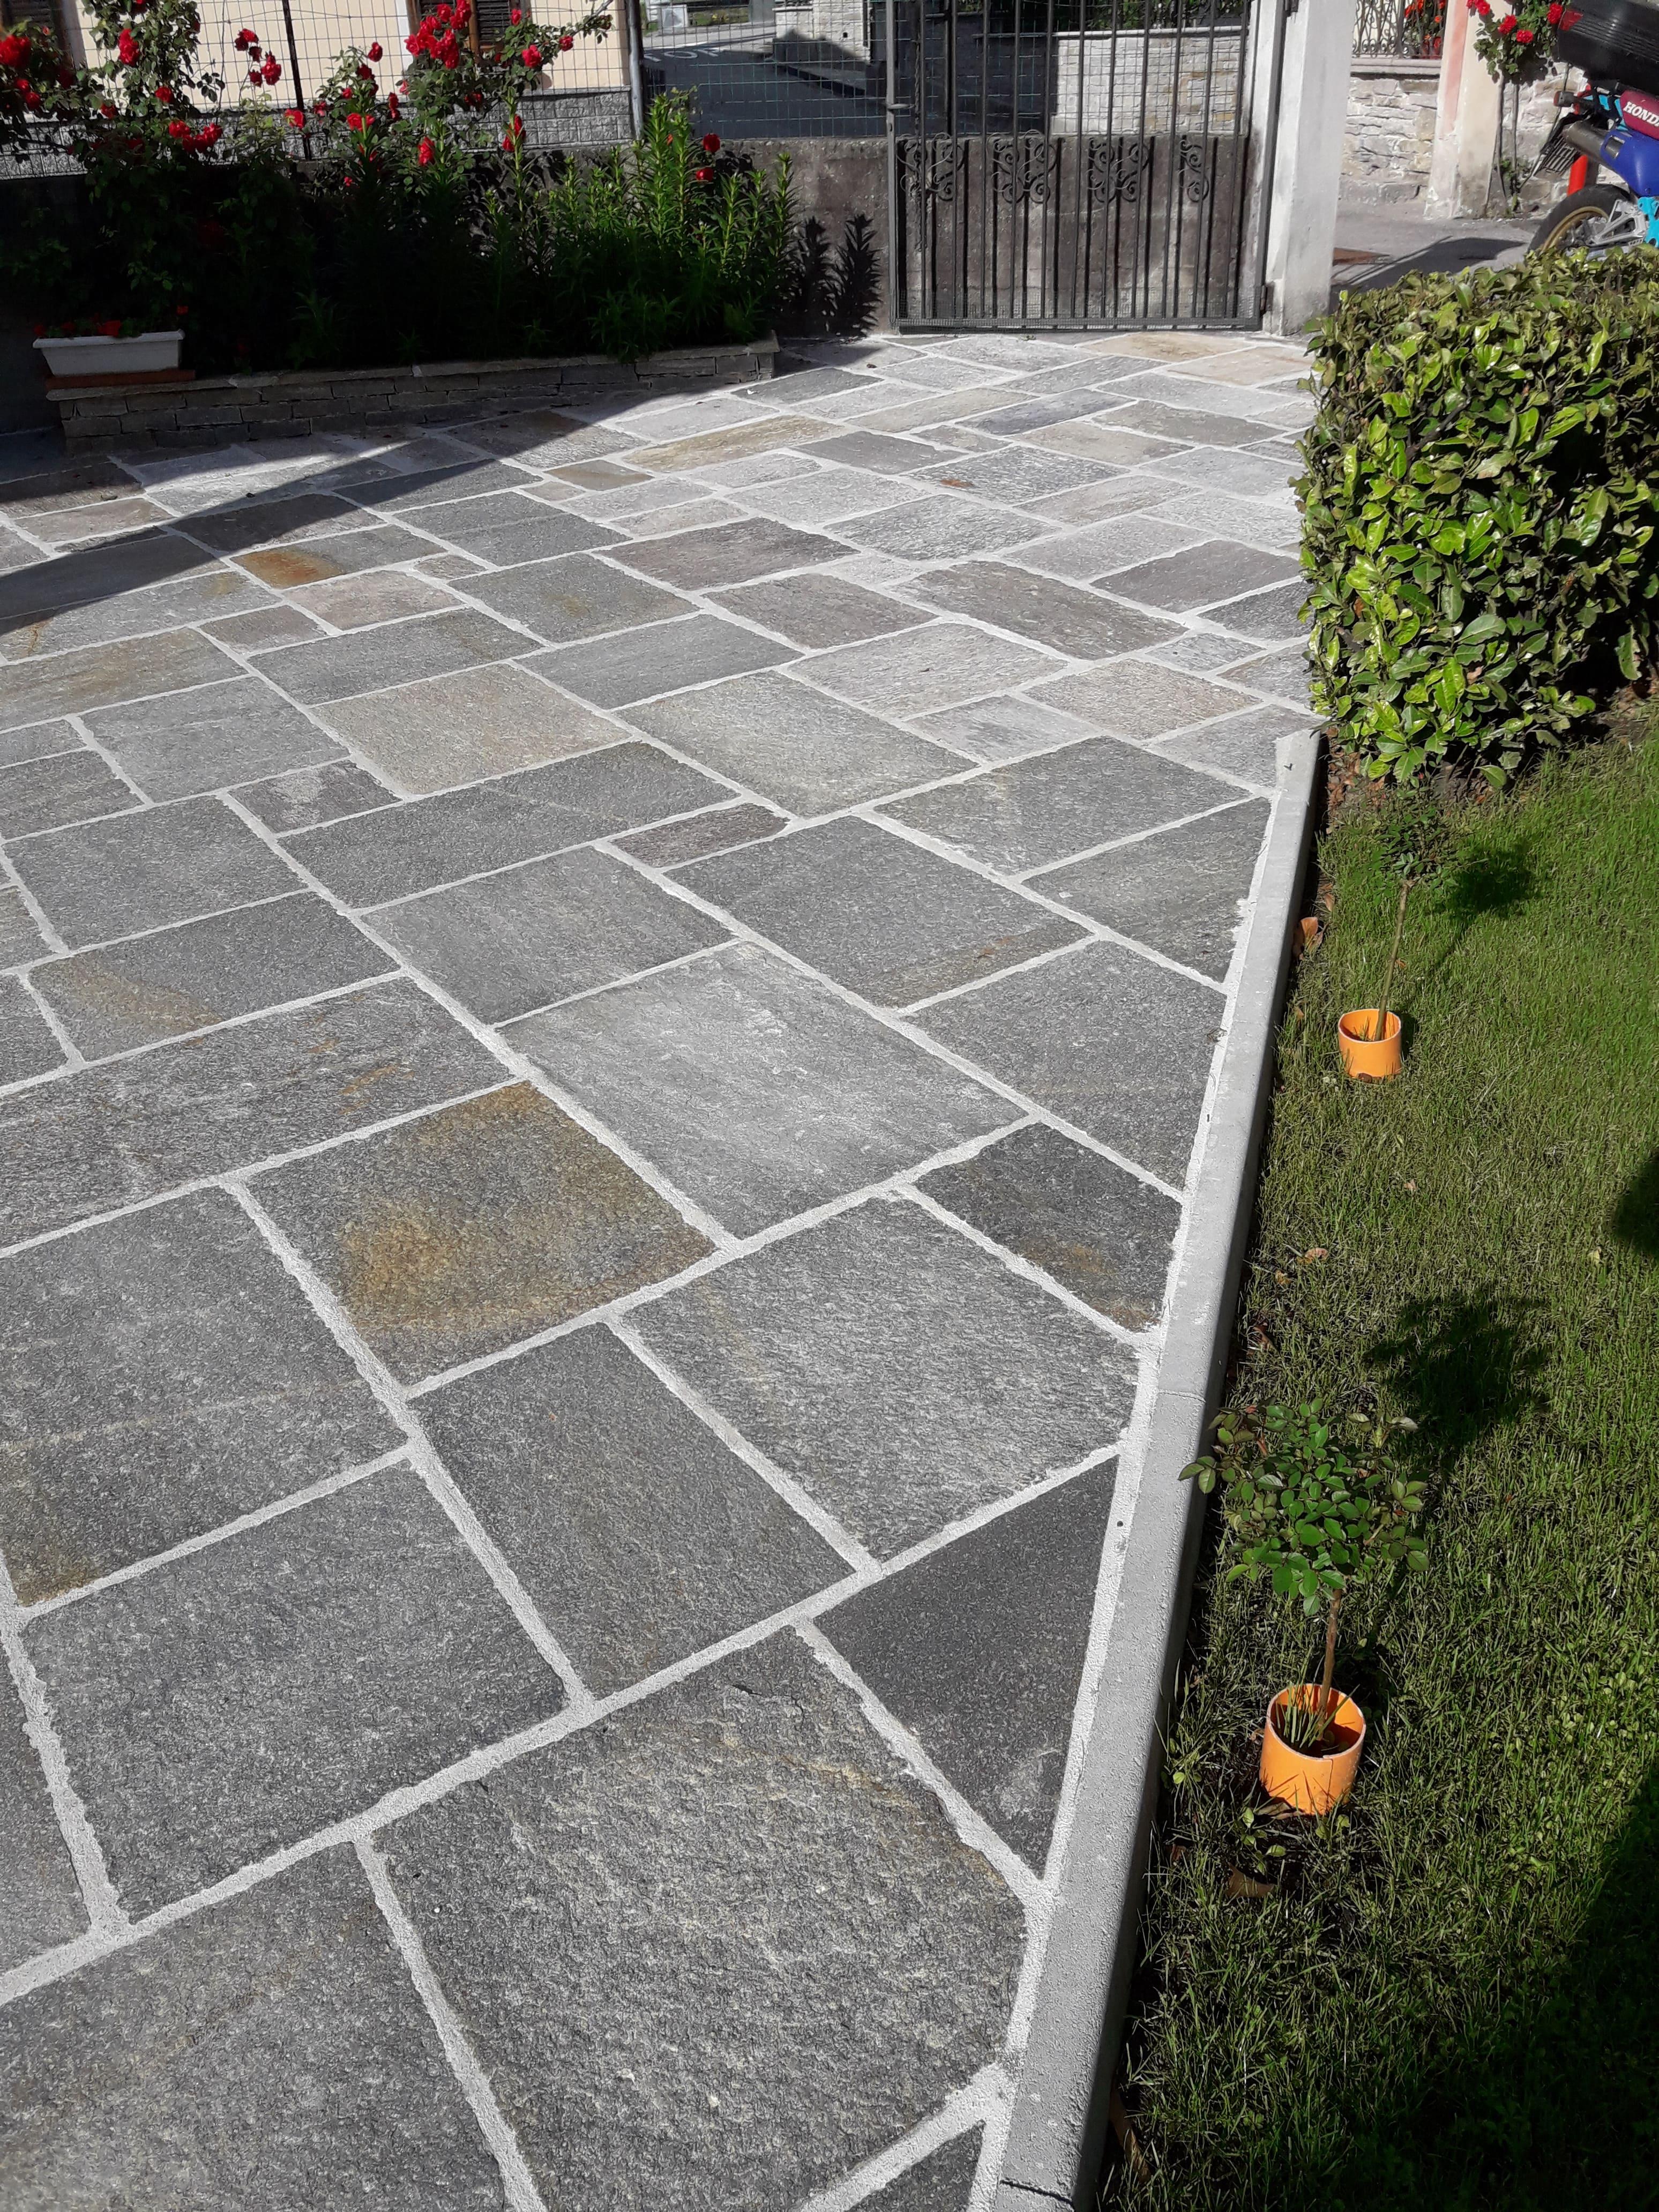 Quadratoni per pavimenti esterni di luserna pelganta giorgio for Pavimento da giardino